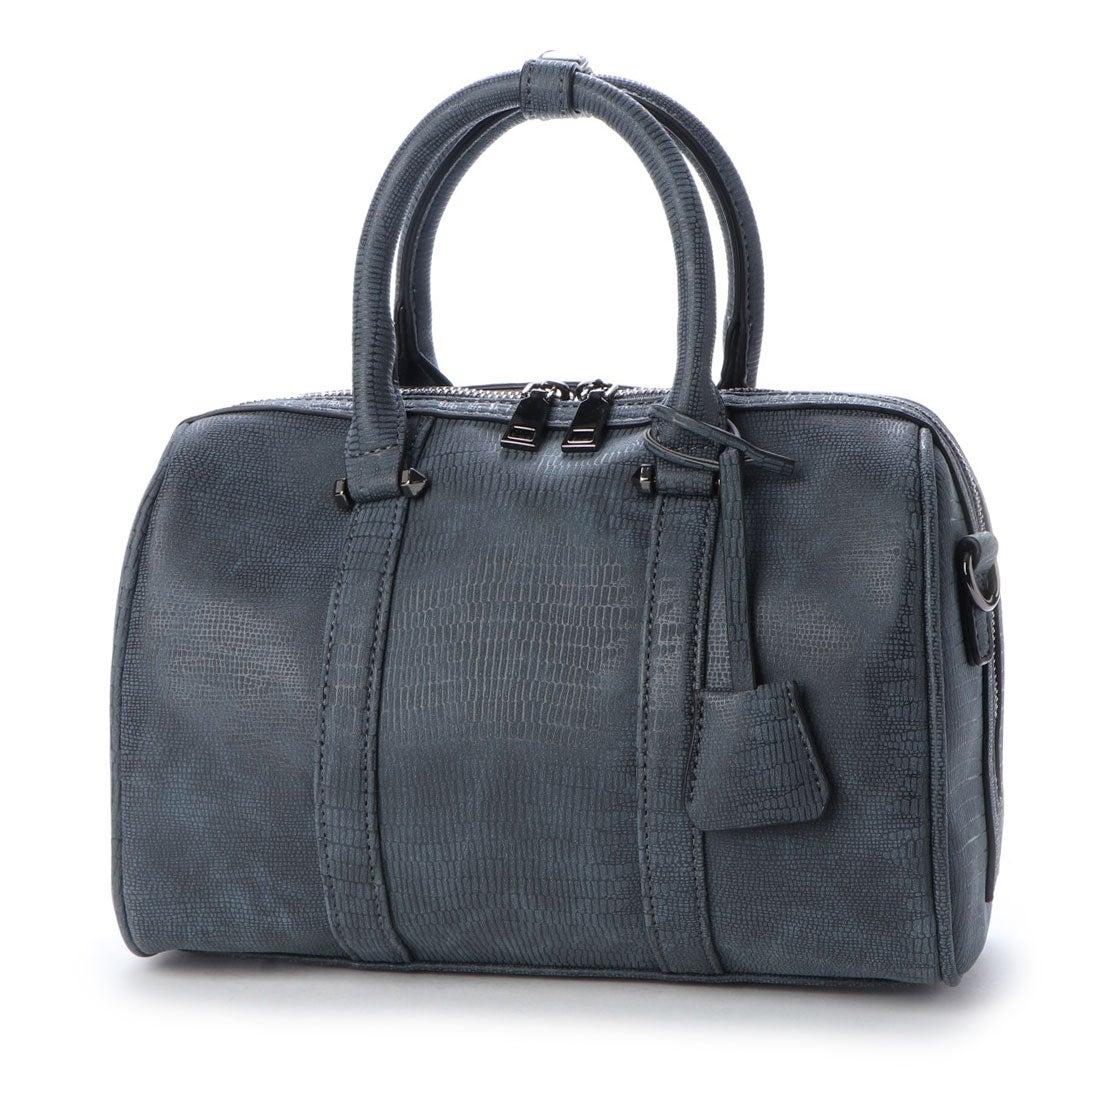 ヴィータフェリーチェ VitaFelice ボストンバッグ レディースバッグ 通勤バッグ リザードの型押し 2wayバッグ ミニバッグ 大容量 ショルダーバッグ (NAVY)